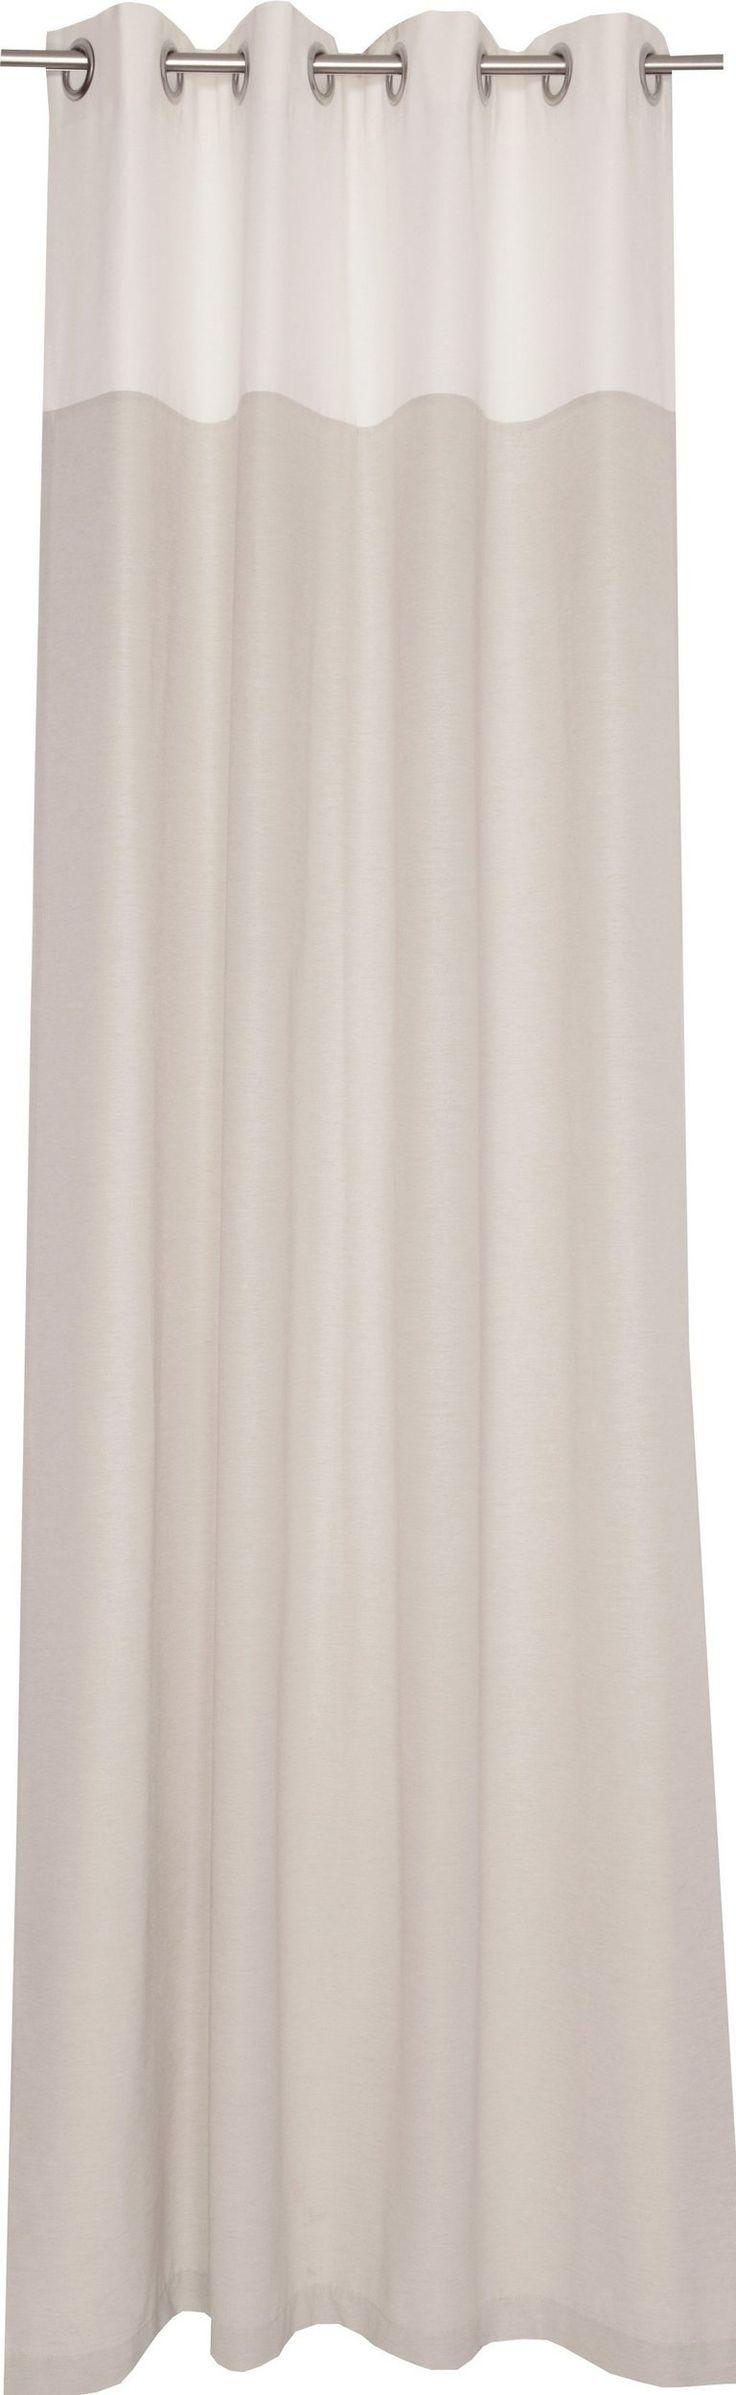 Vorhang, Schöner Wohnen, »Mono«, mit Ösen (1 Stück) ab 40,09€. Blickdichter Stoff, matt, Leichte Qualität, Ösenvorhang, gewebt ,mit farbiger Blende oben bei OTTO